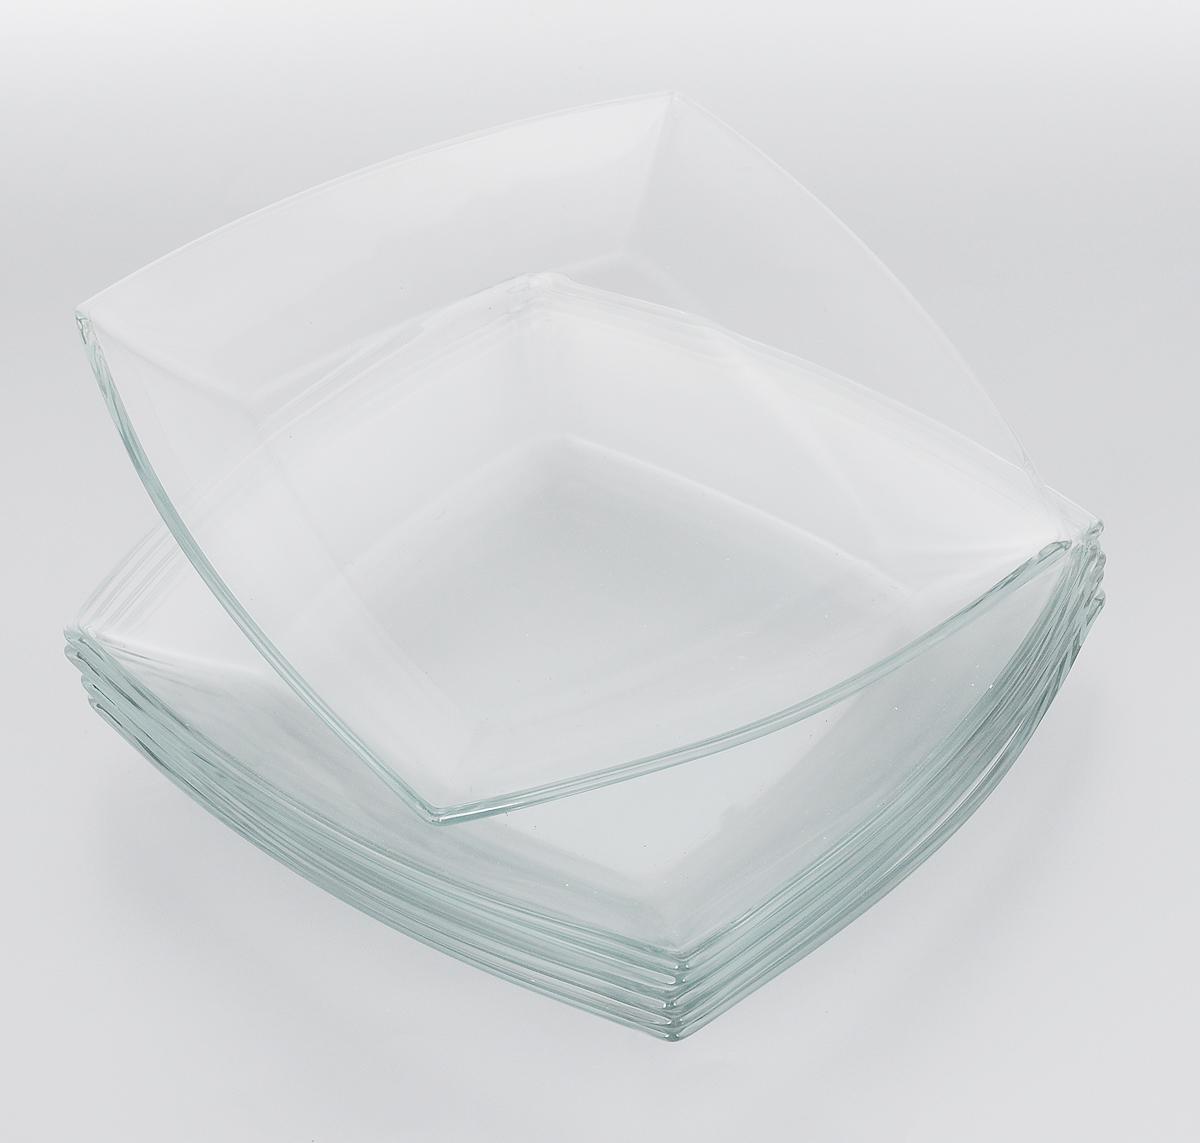 Набор тарелок Pasabahce Tokio, 26,5 х 26,5 см, 6 шт54087BНабор Pasabahce Tokio состоит из шести тарелок, выполненных из закаленного прозрачного стекла. Тарелки предназначены для красивой сервировки блюд. Они сочетают в себе изысканный дизайн с максимальной функциональностью. Оригинальность оформления тарелок придется по вкусу и ценителям классики, и тем, кто предпочитает утонченность и изящность. Набор тарелок Pasabahce Tokio послужит отличным подарком к любому празднику. Можно использовать в микроволновой печи, холодильнике и морозильной камере, также мыть в посудомоечной машине. Размер тарелок: 26,5 х 26,5 см.